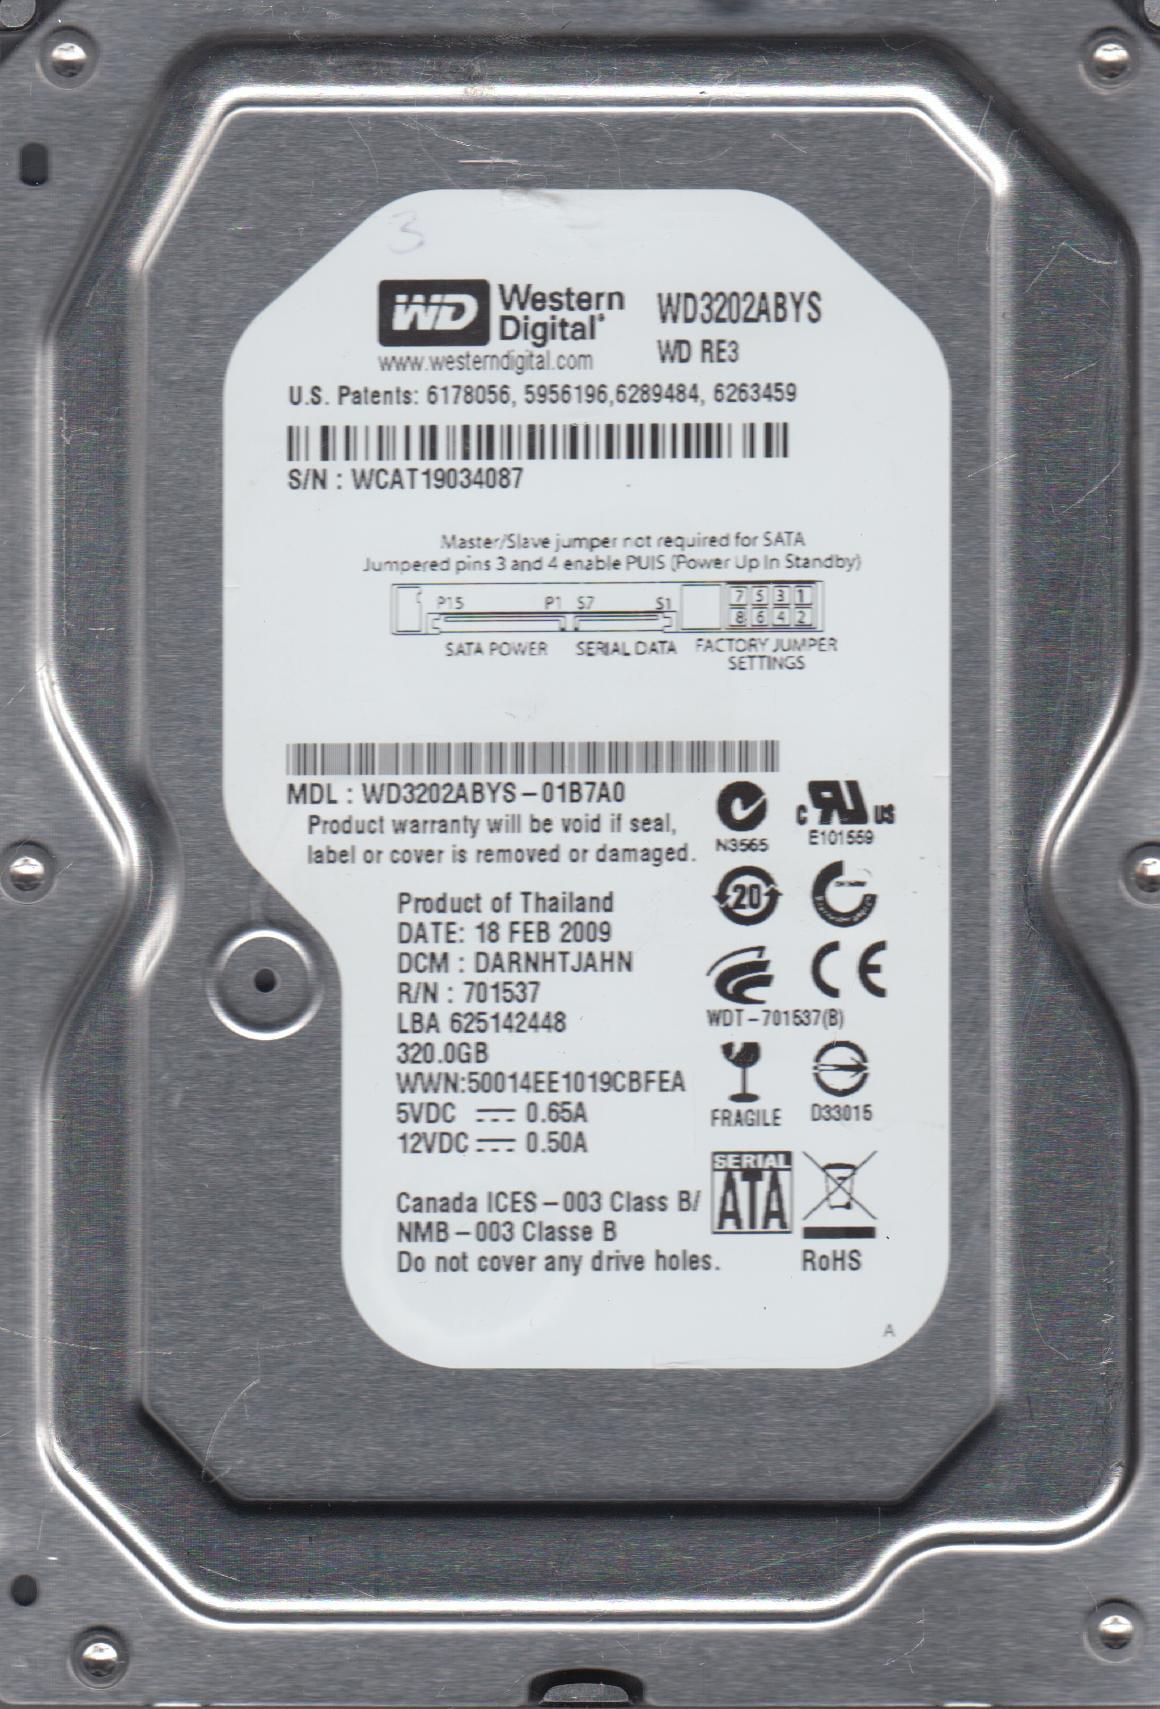 WD3202ABYS-01B7A0, DCM DARNHTJAHN, Western Digital 320GB SATA 3.5 Hard Drive by Western Digital